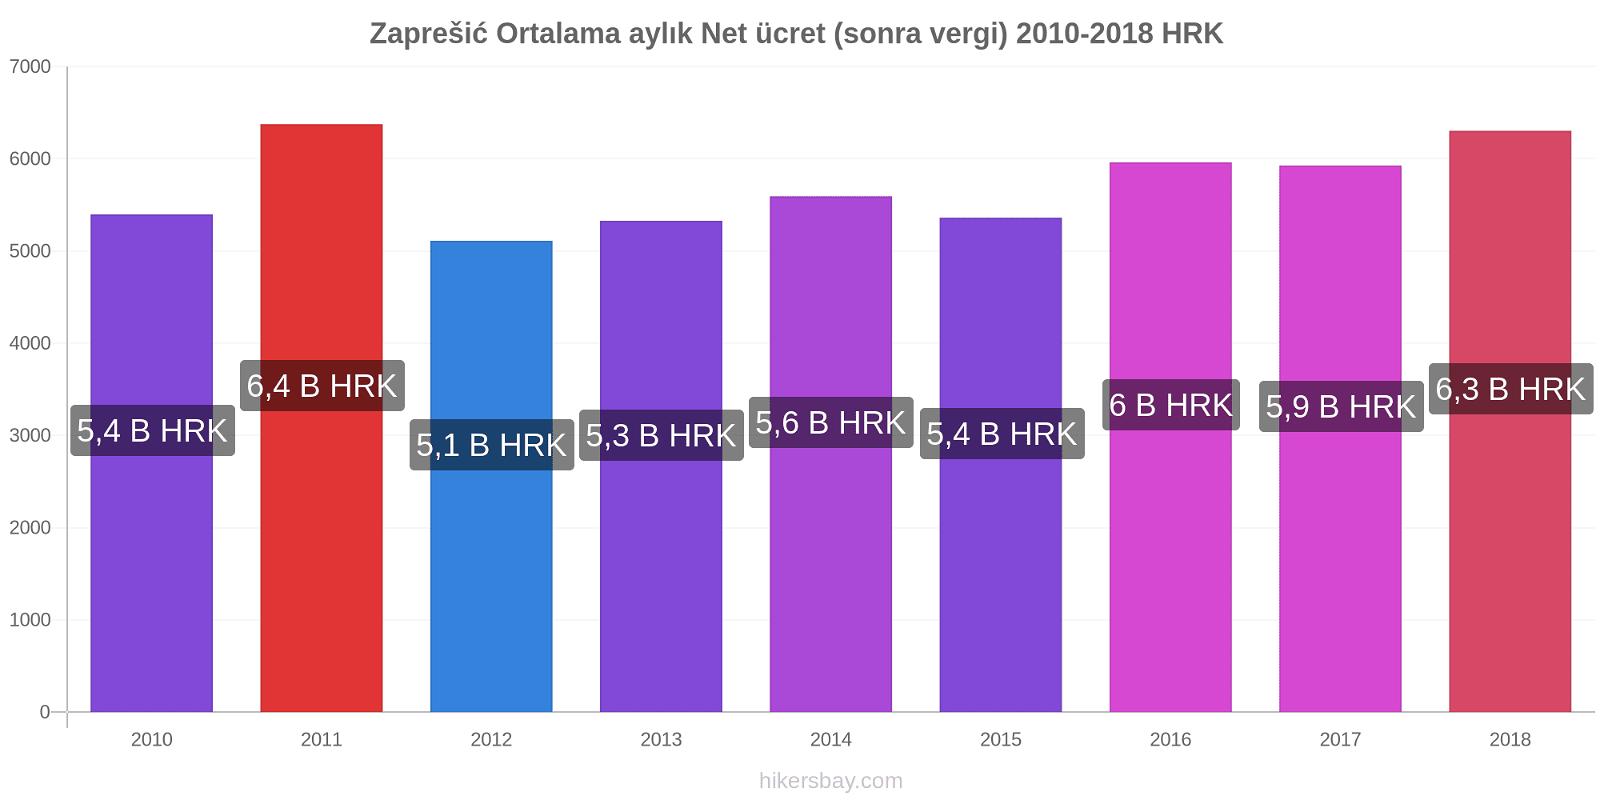 Zaprešić fiyat değişiklikleri Ortalama aylık Net ücret (sonra vergi) hikersbay.com